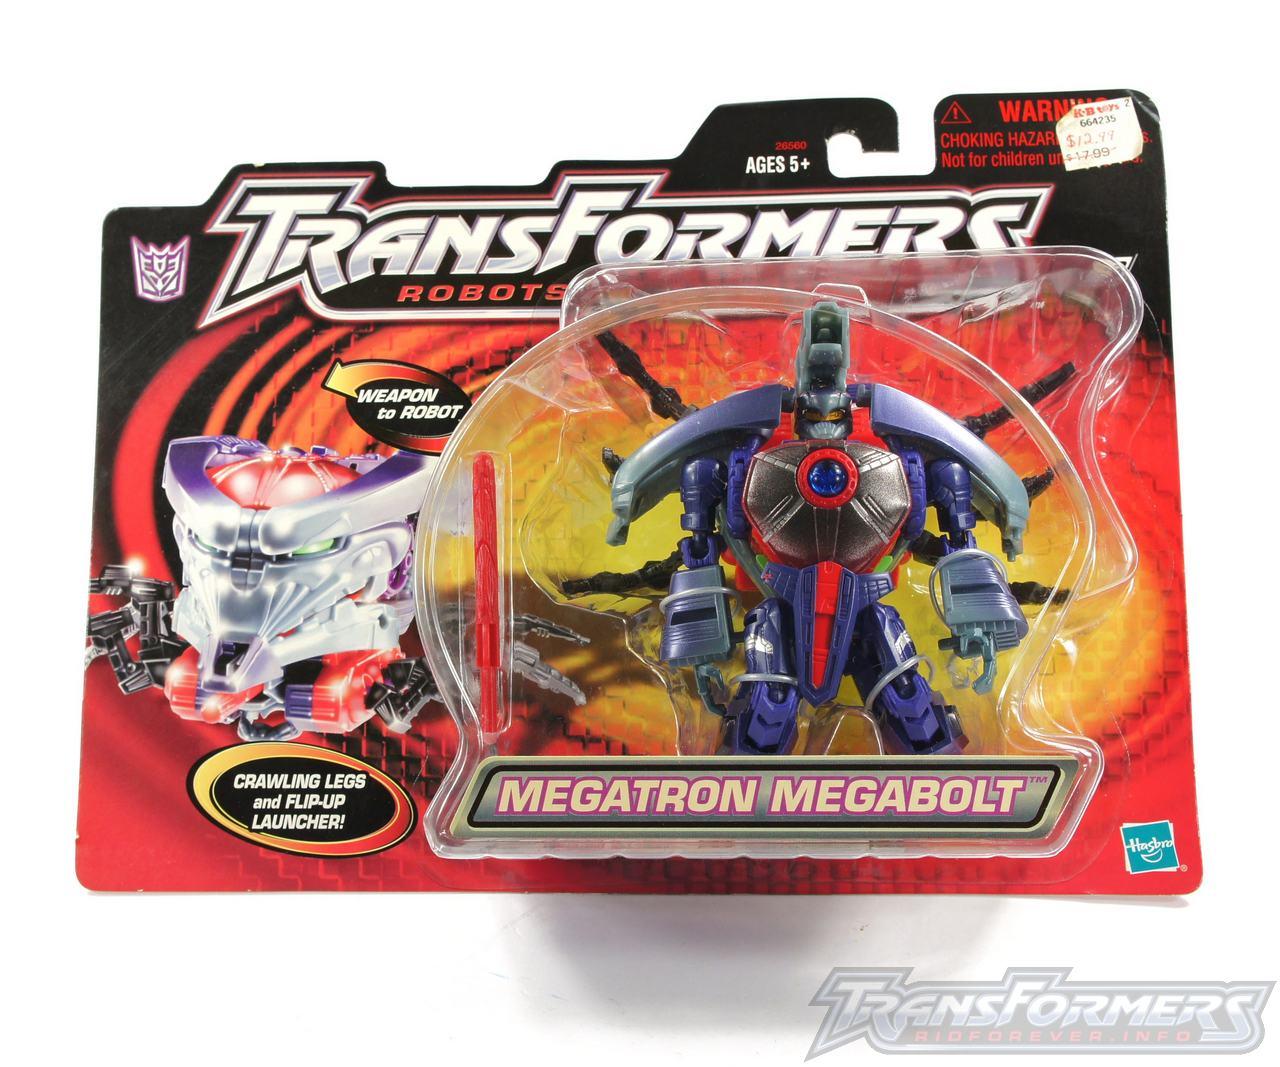 Megatron Megabolt